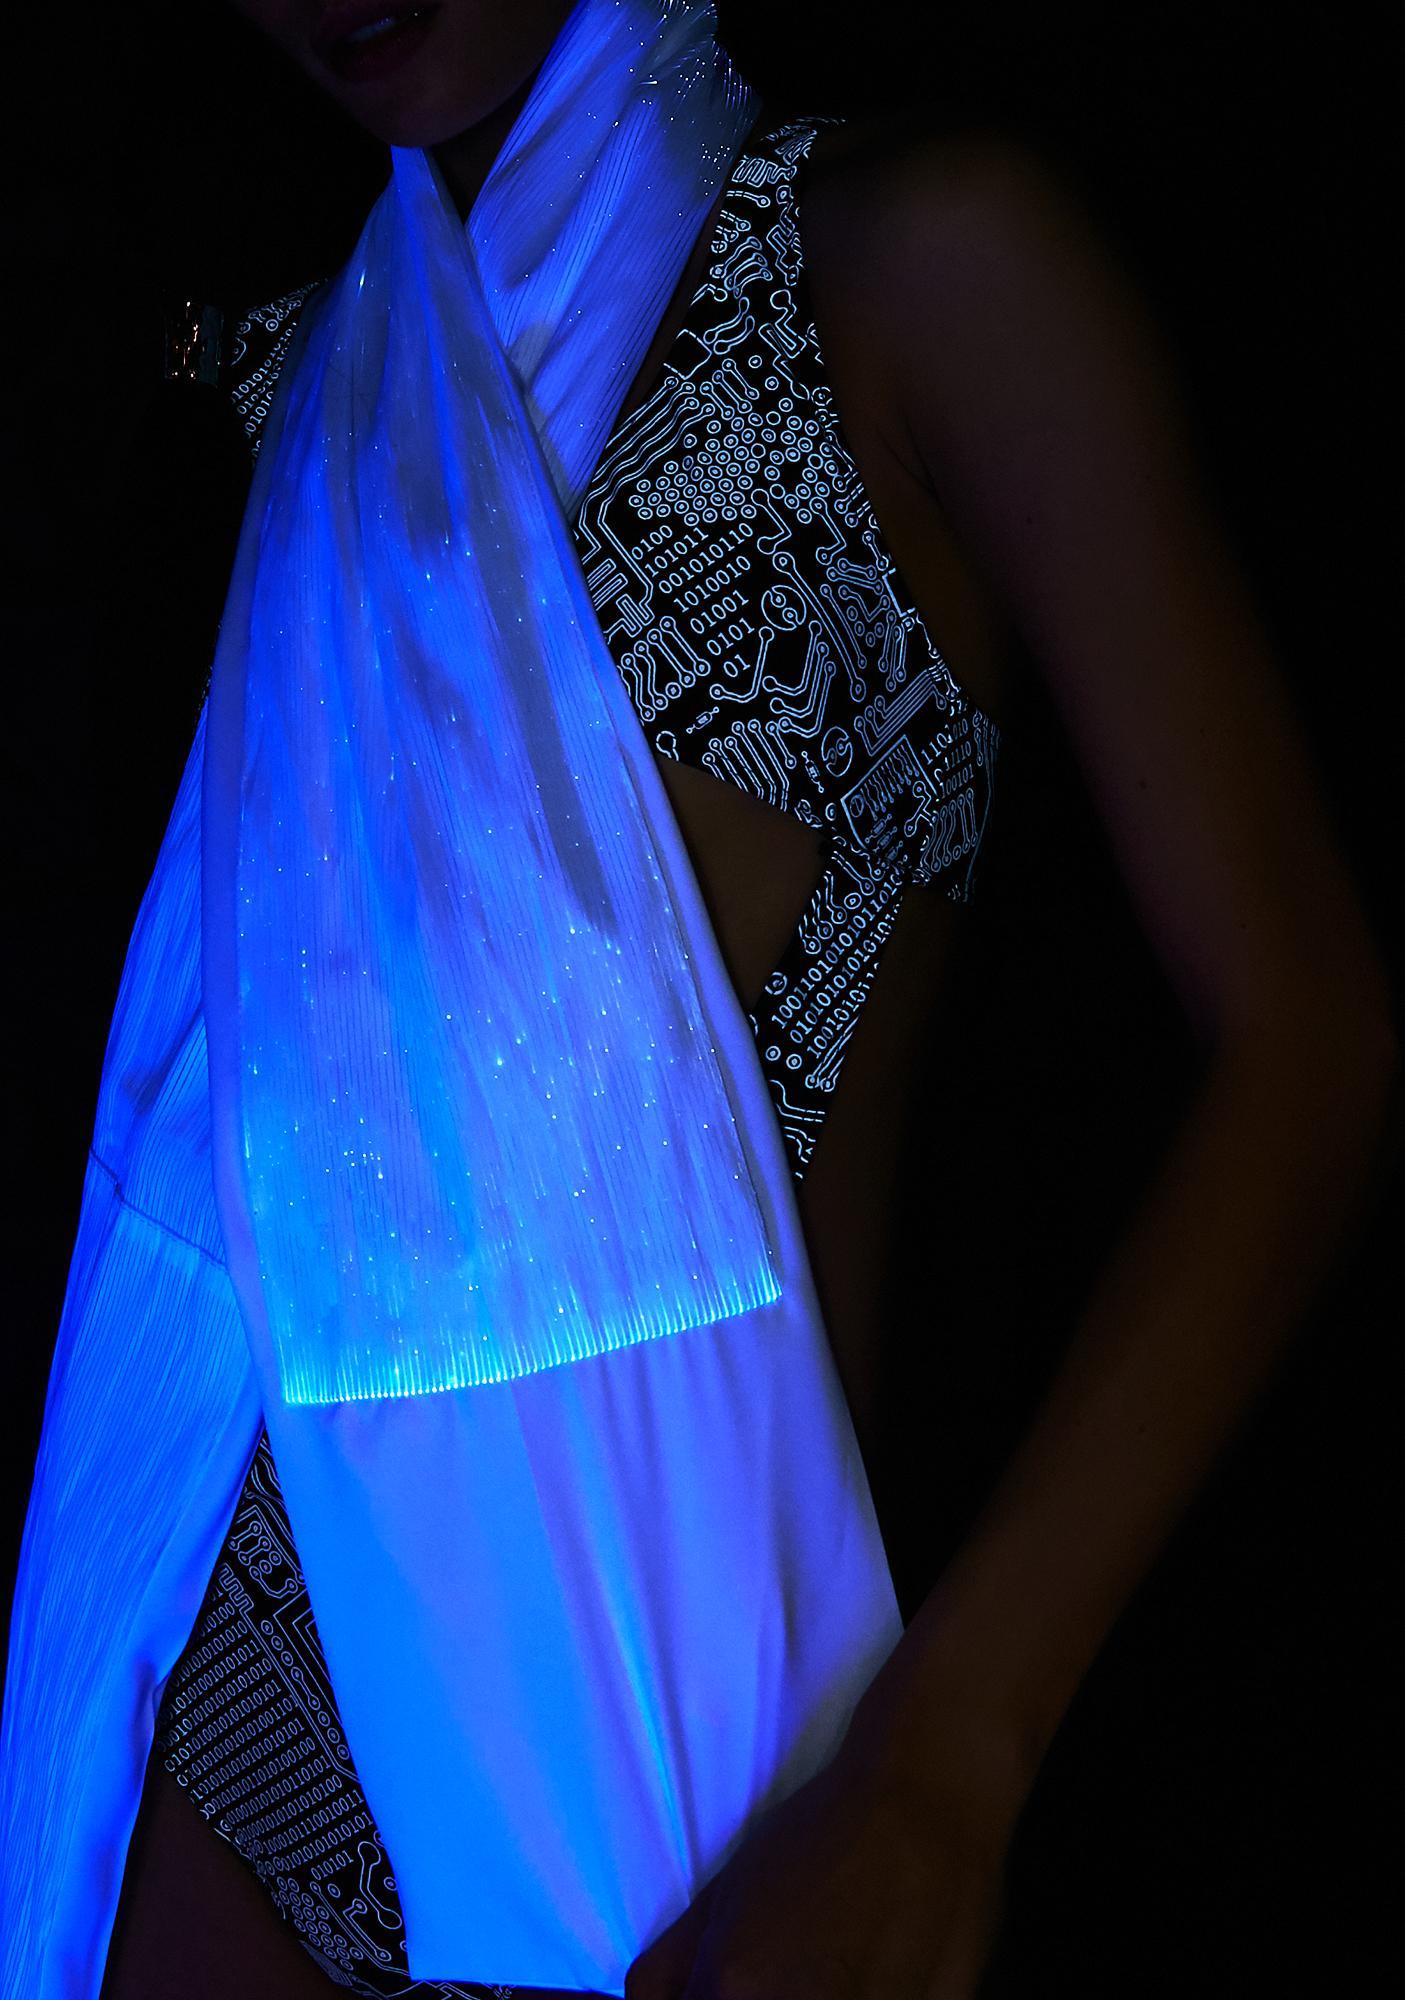 Rave Nation Fiber Optic Light Up Scarf